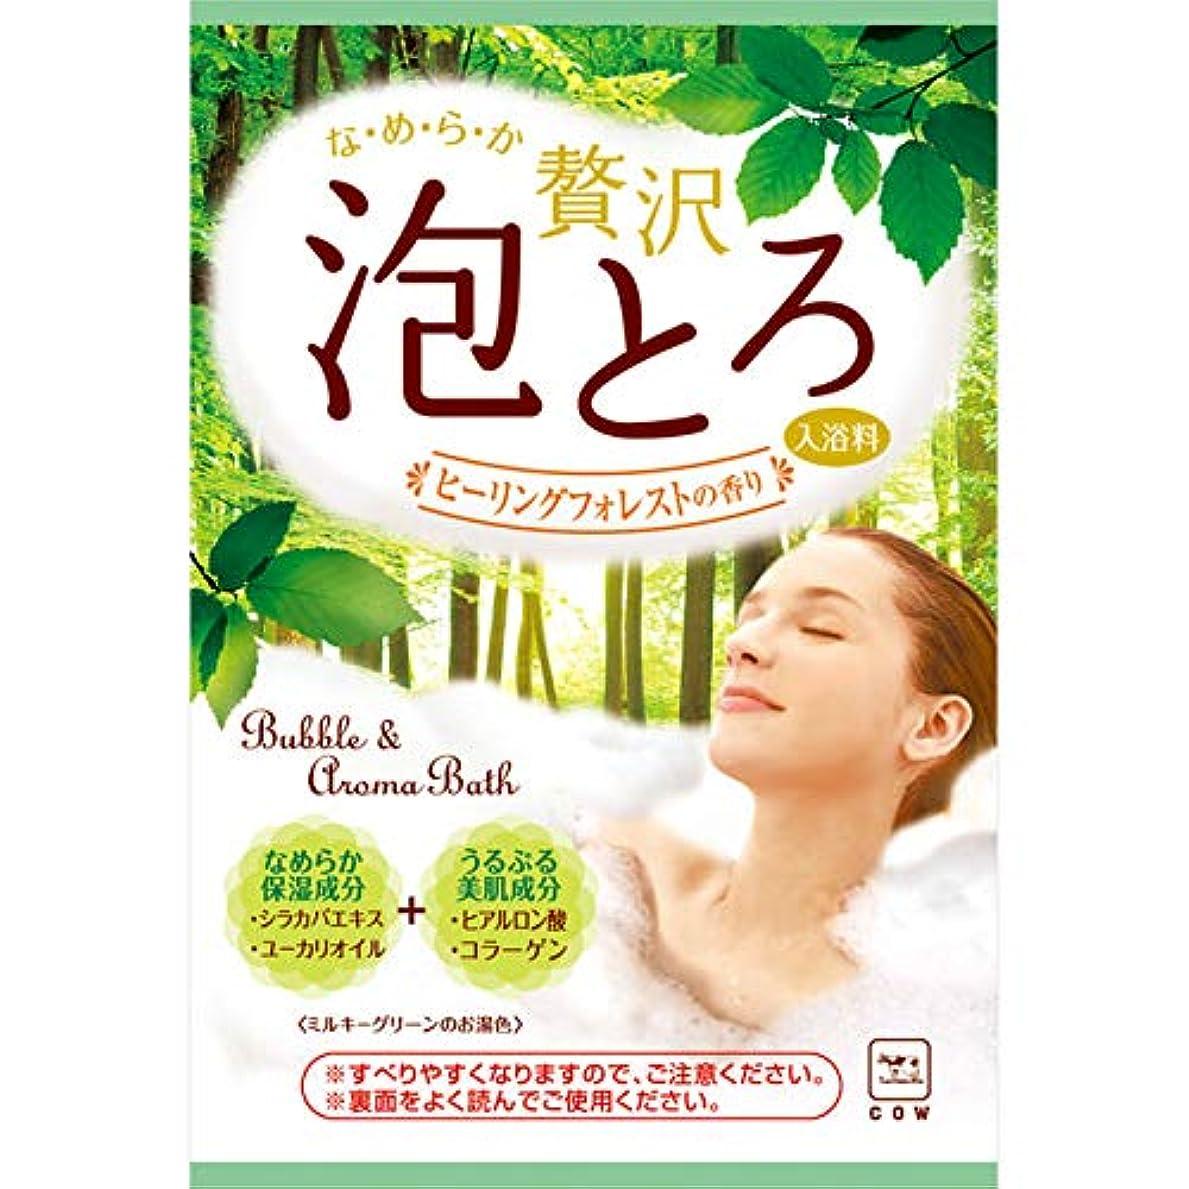 アクチュエータ栄光ポーターお湯物語 贅沢泡とろ入浴料 ヒーリングフォレストの香り 30g